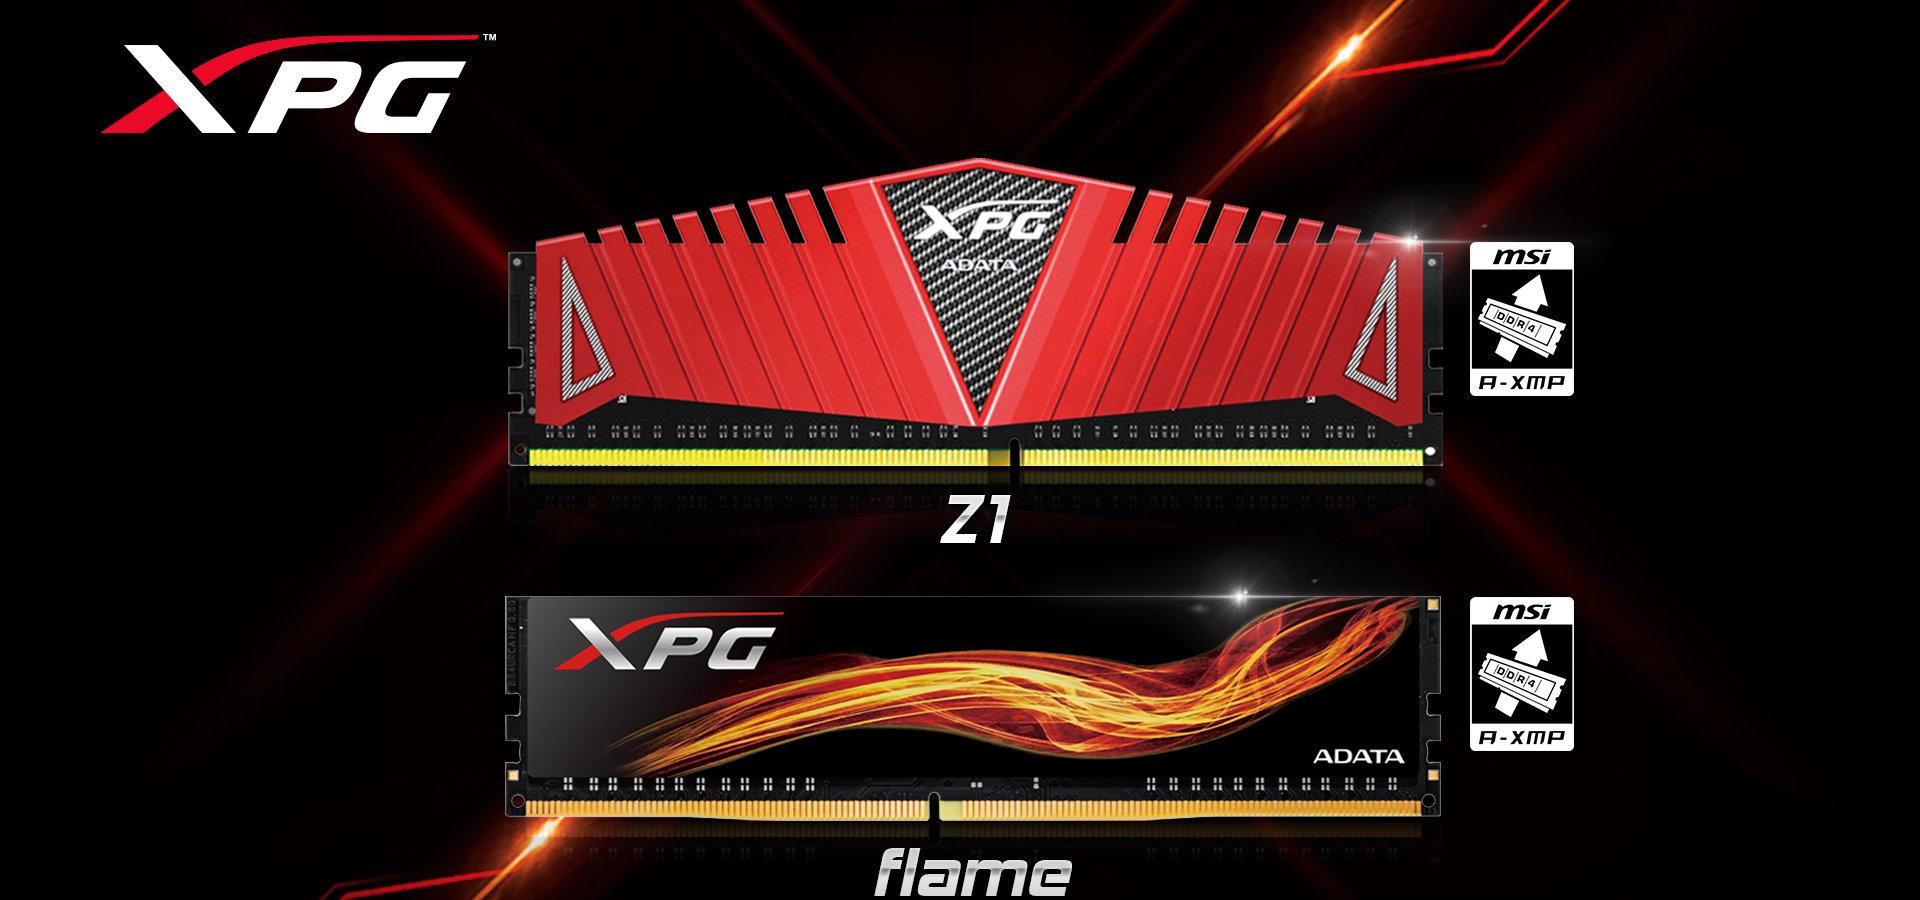 Pamięci ADATA XPG DDR4 są oficjalnie kompatybilne z AM4 i Ryzen